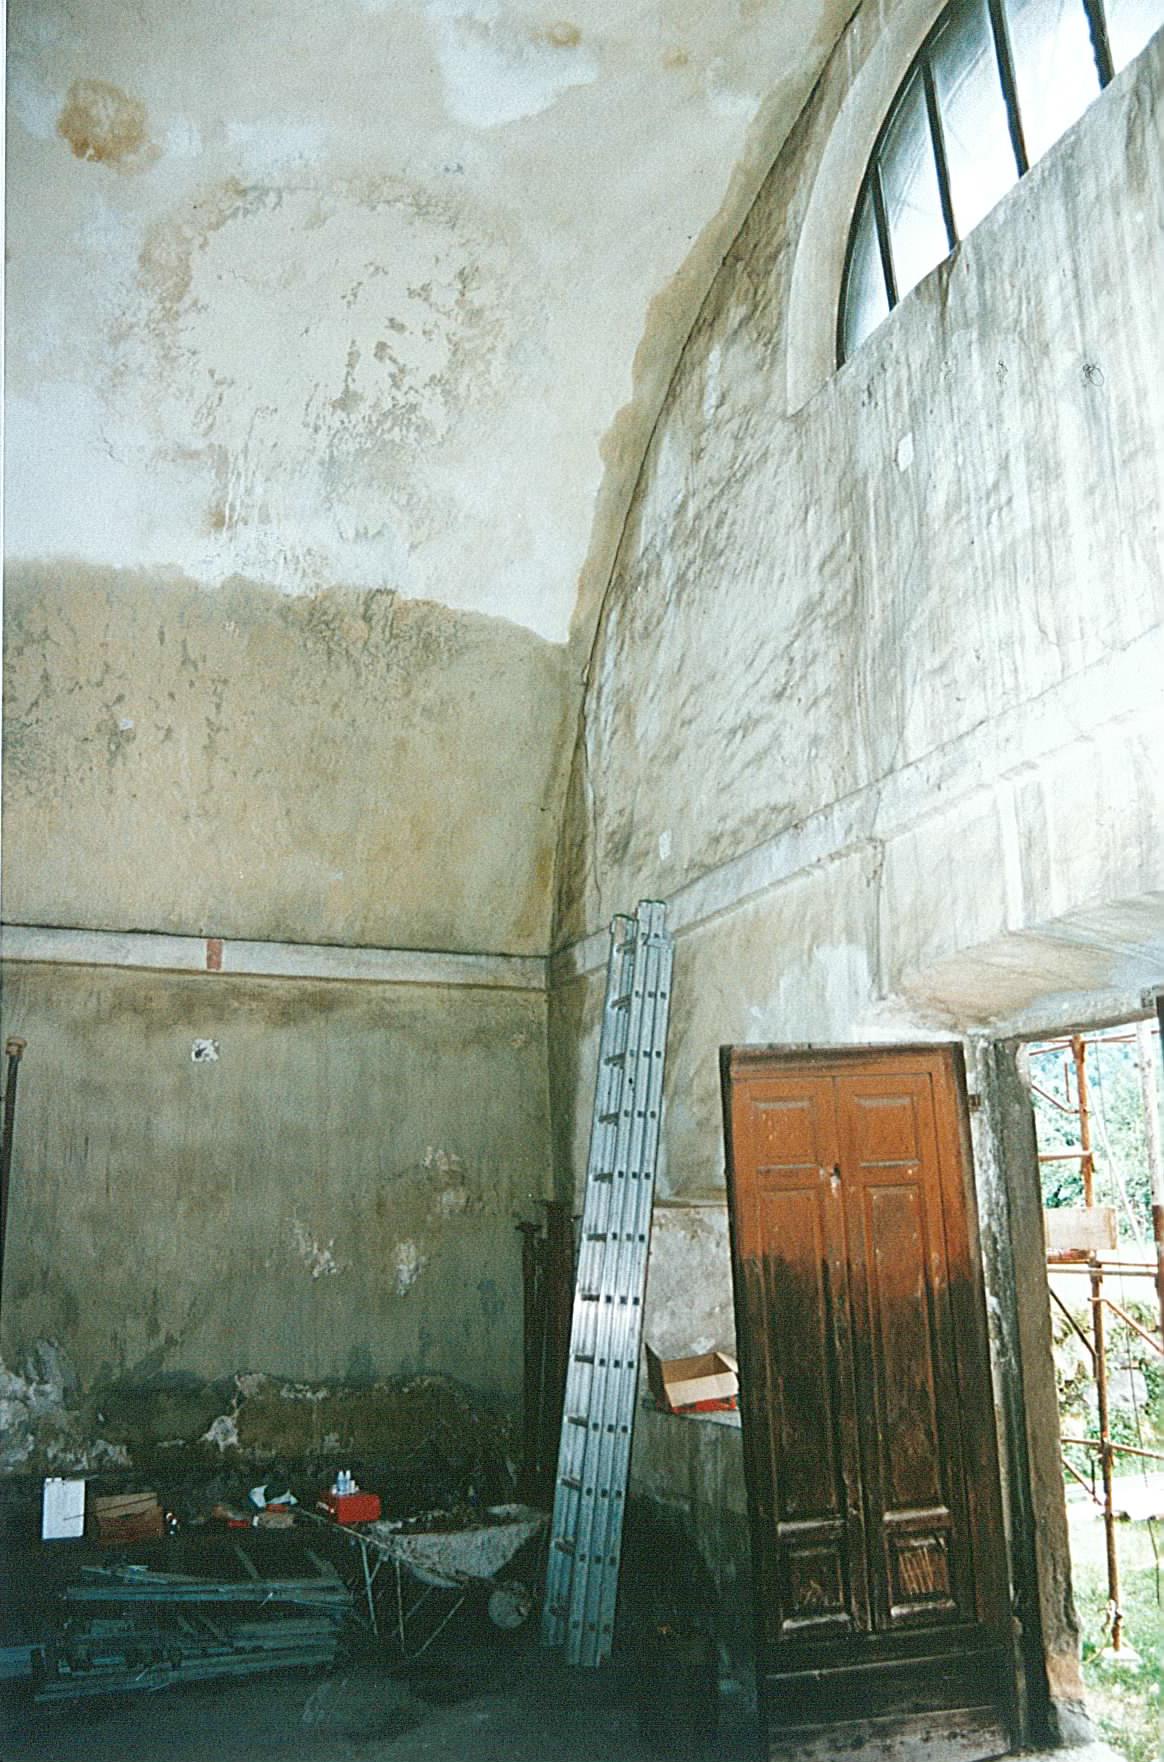 Studio-di-architettura-Baisotti-Sigala-prgetti196